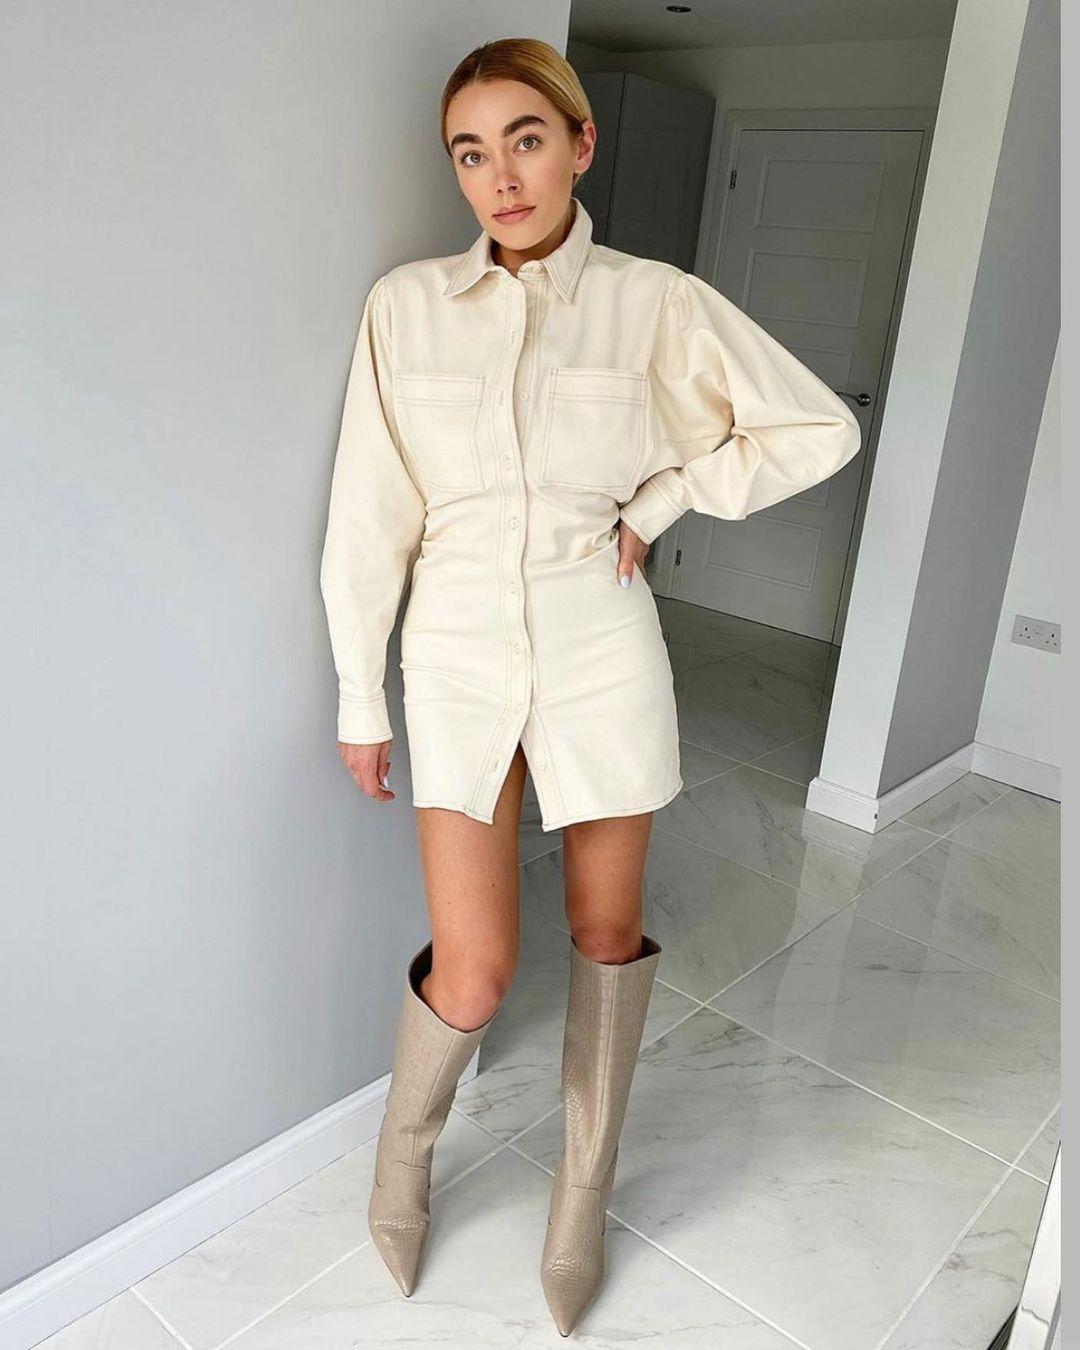 dress with pockets trf de Zara sur zara.style.daily